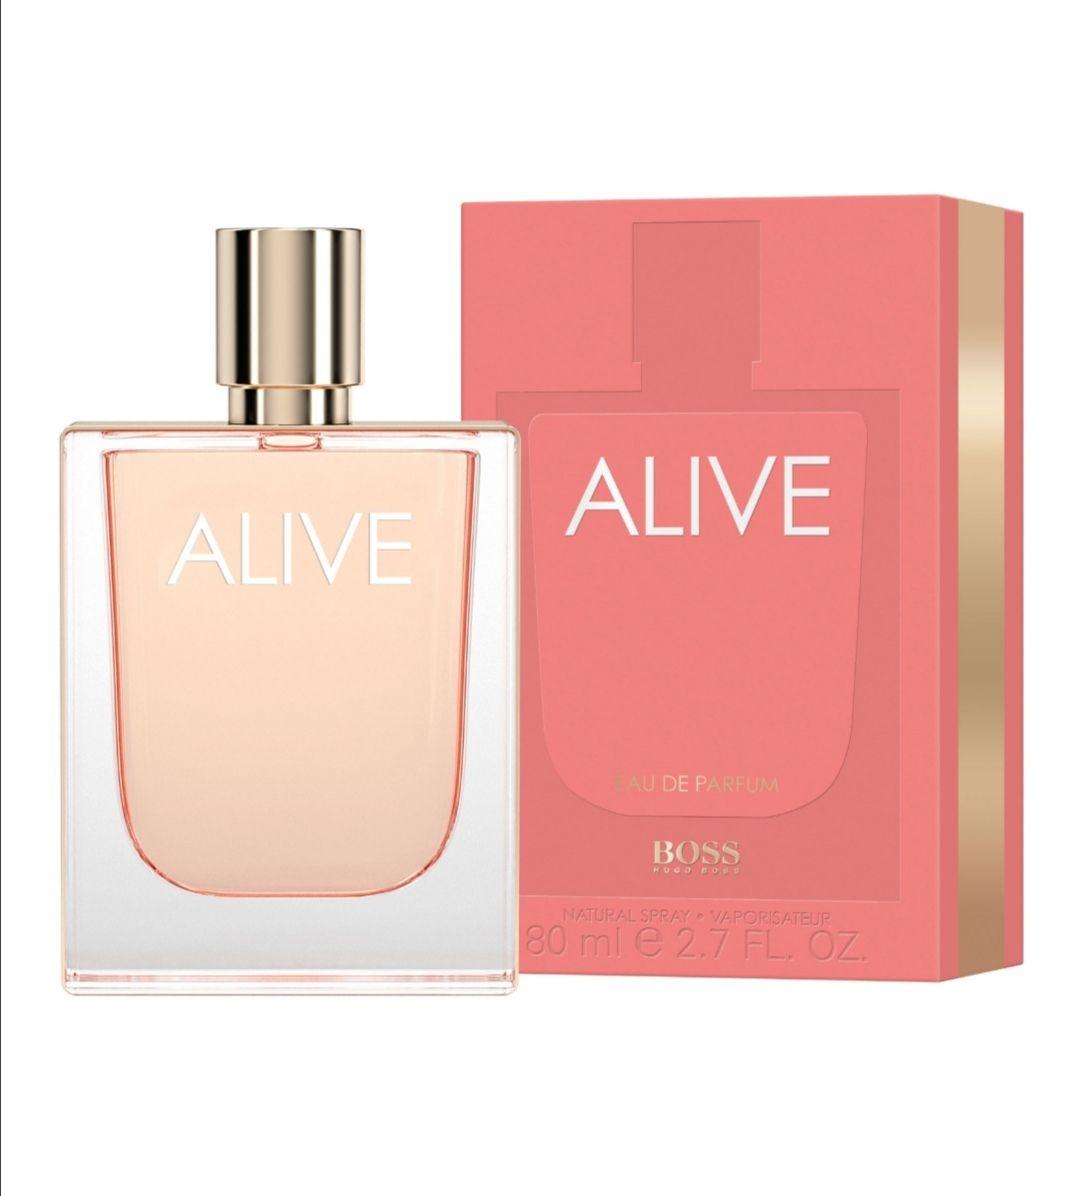 HUGO Boss Alive (neuer Damen Duft) 80 ml zum TOP Preis von 49,50€